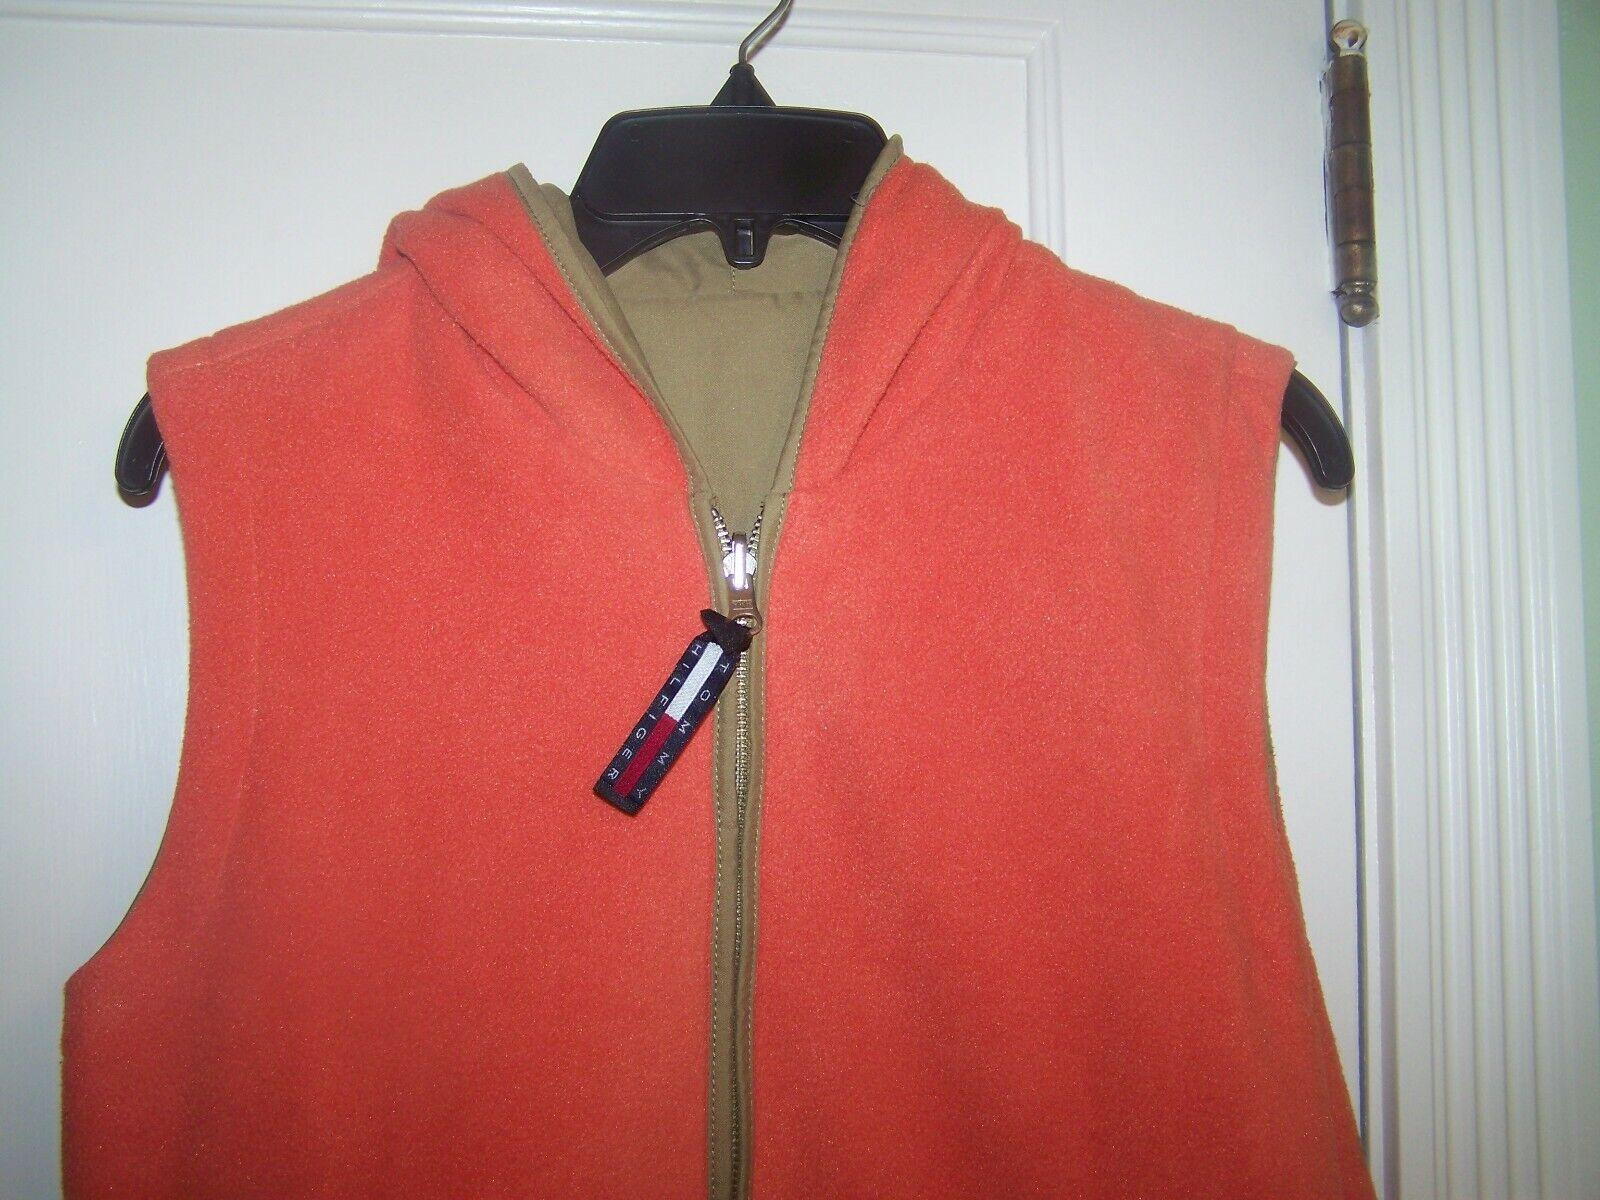 Tommy Hilfiger Vest Reversible Large Orange - image 2